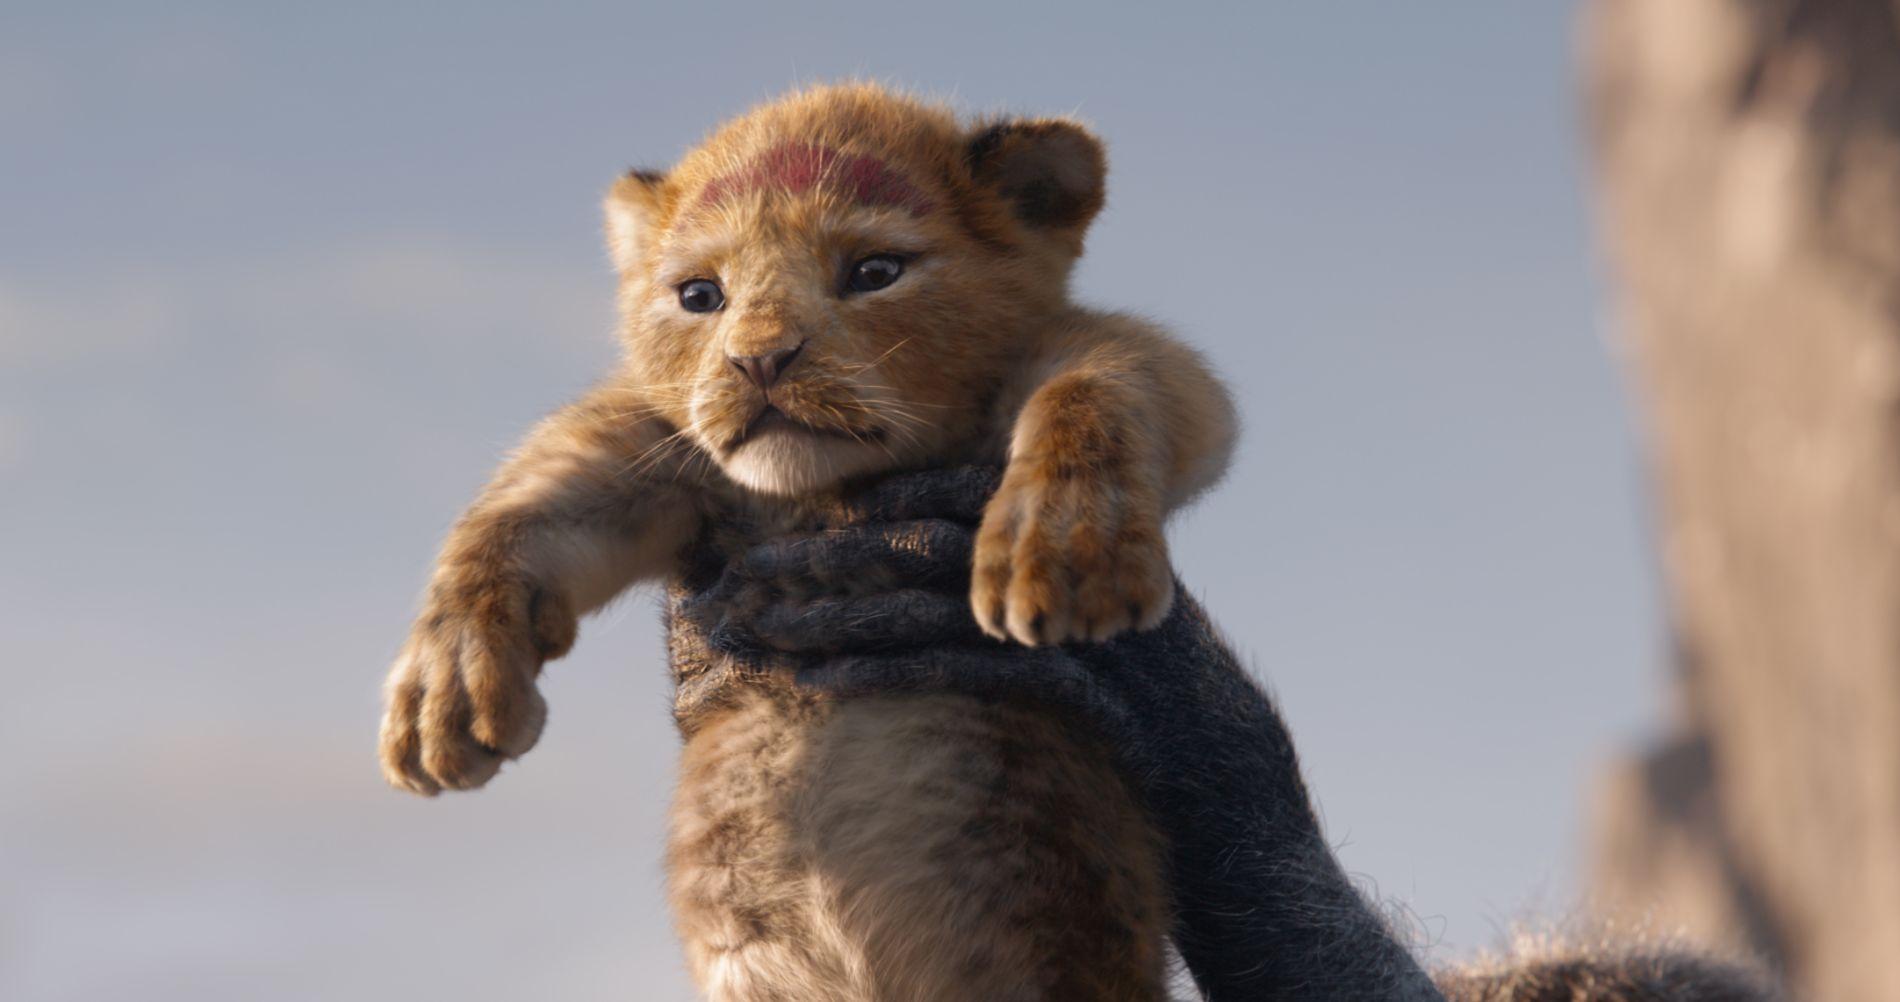 EN KONGE ER OSS FØDT: Simba i «Løvenes konge».